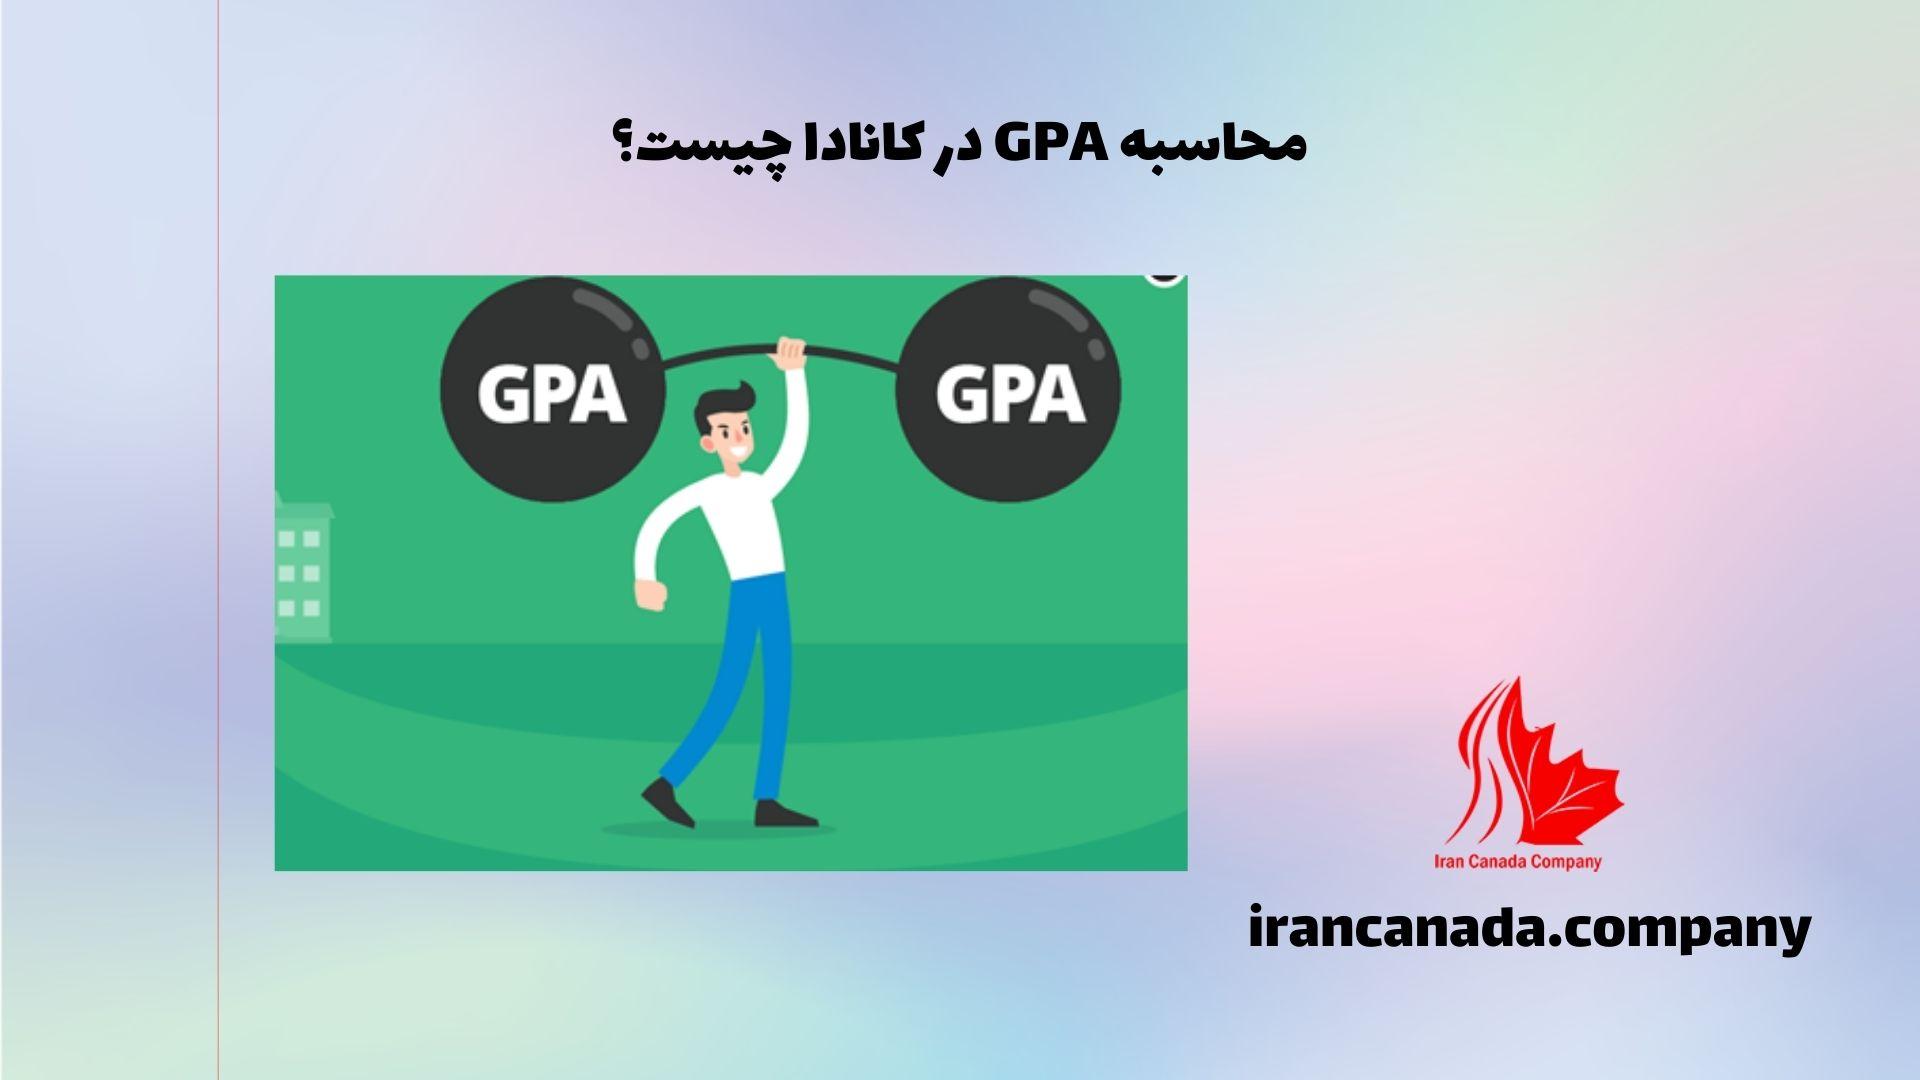 محاسبه GPA در کانادا چیست؟